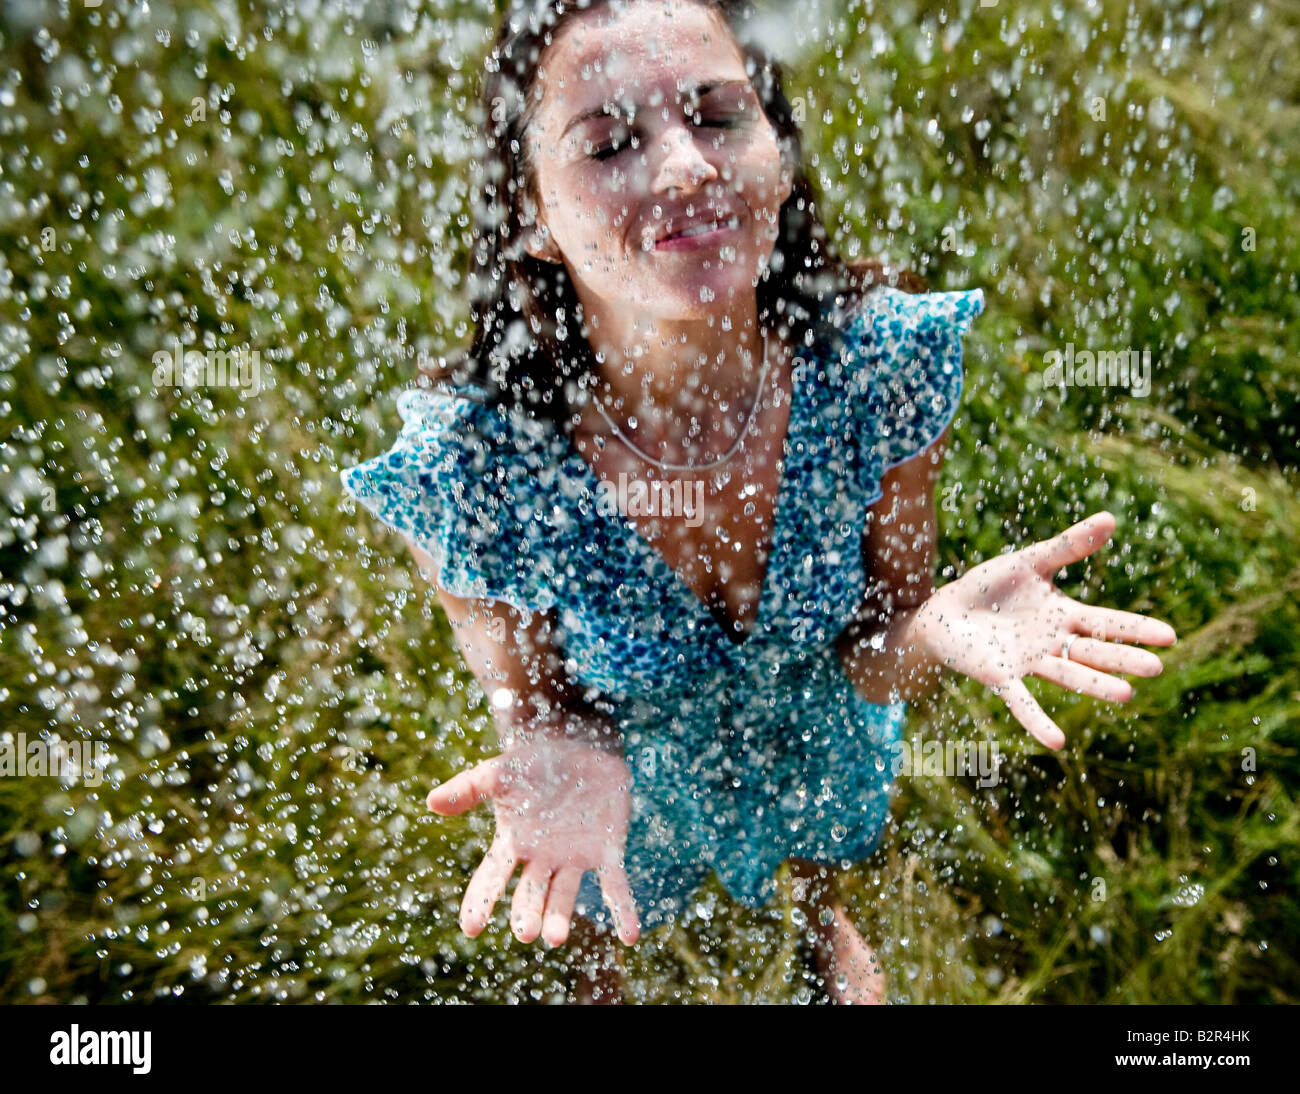 Frau im Regen stehen Stockbild